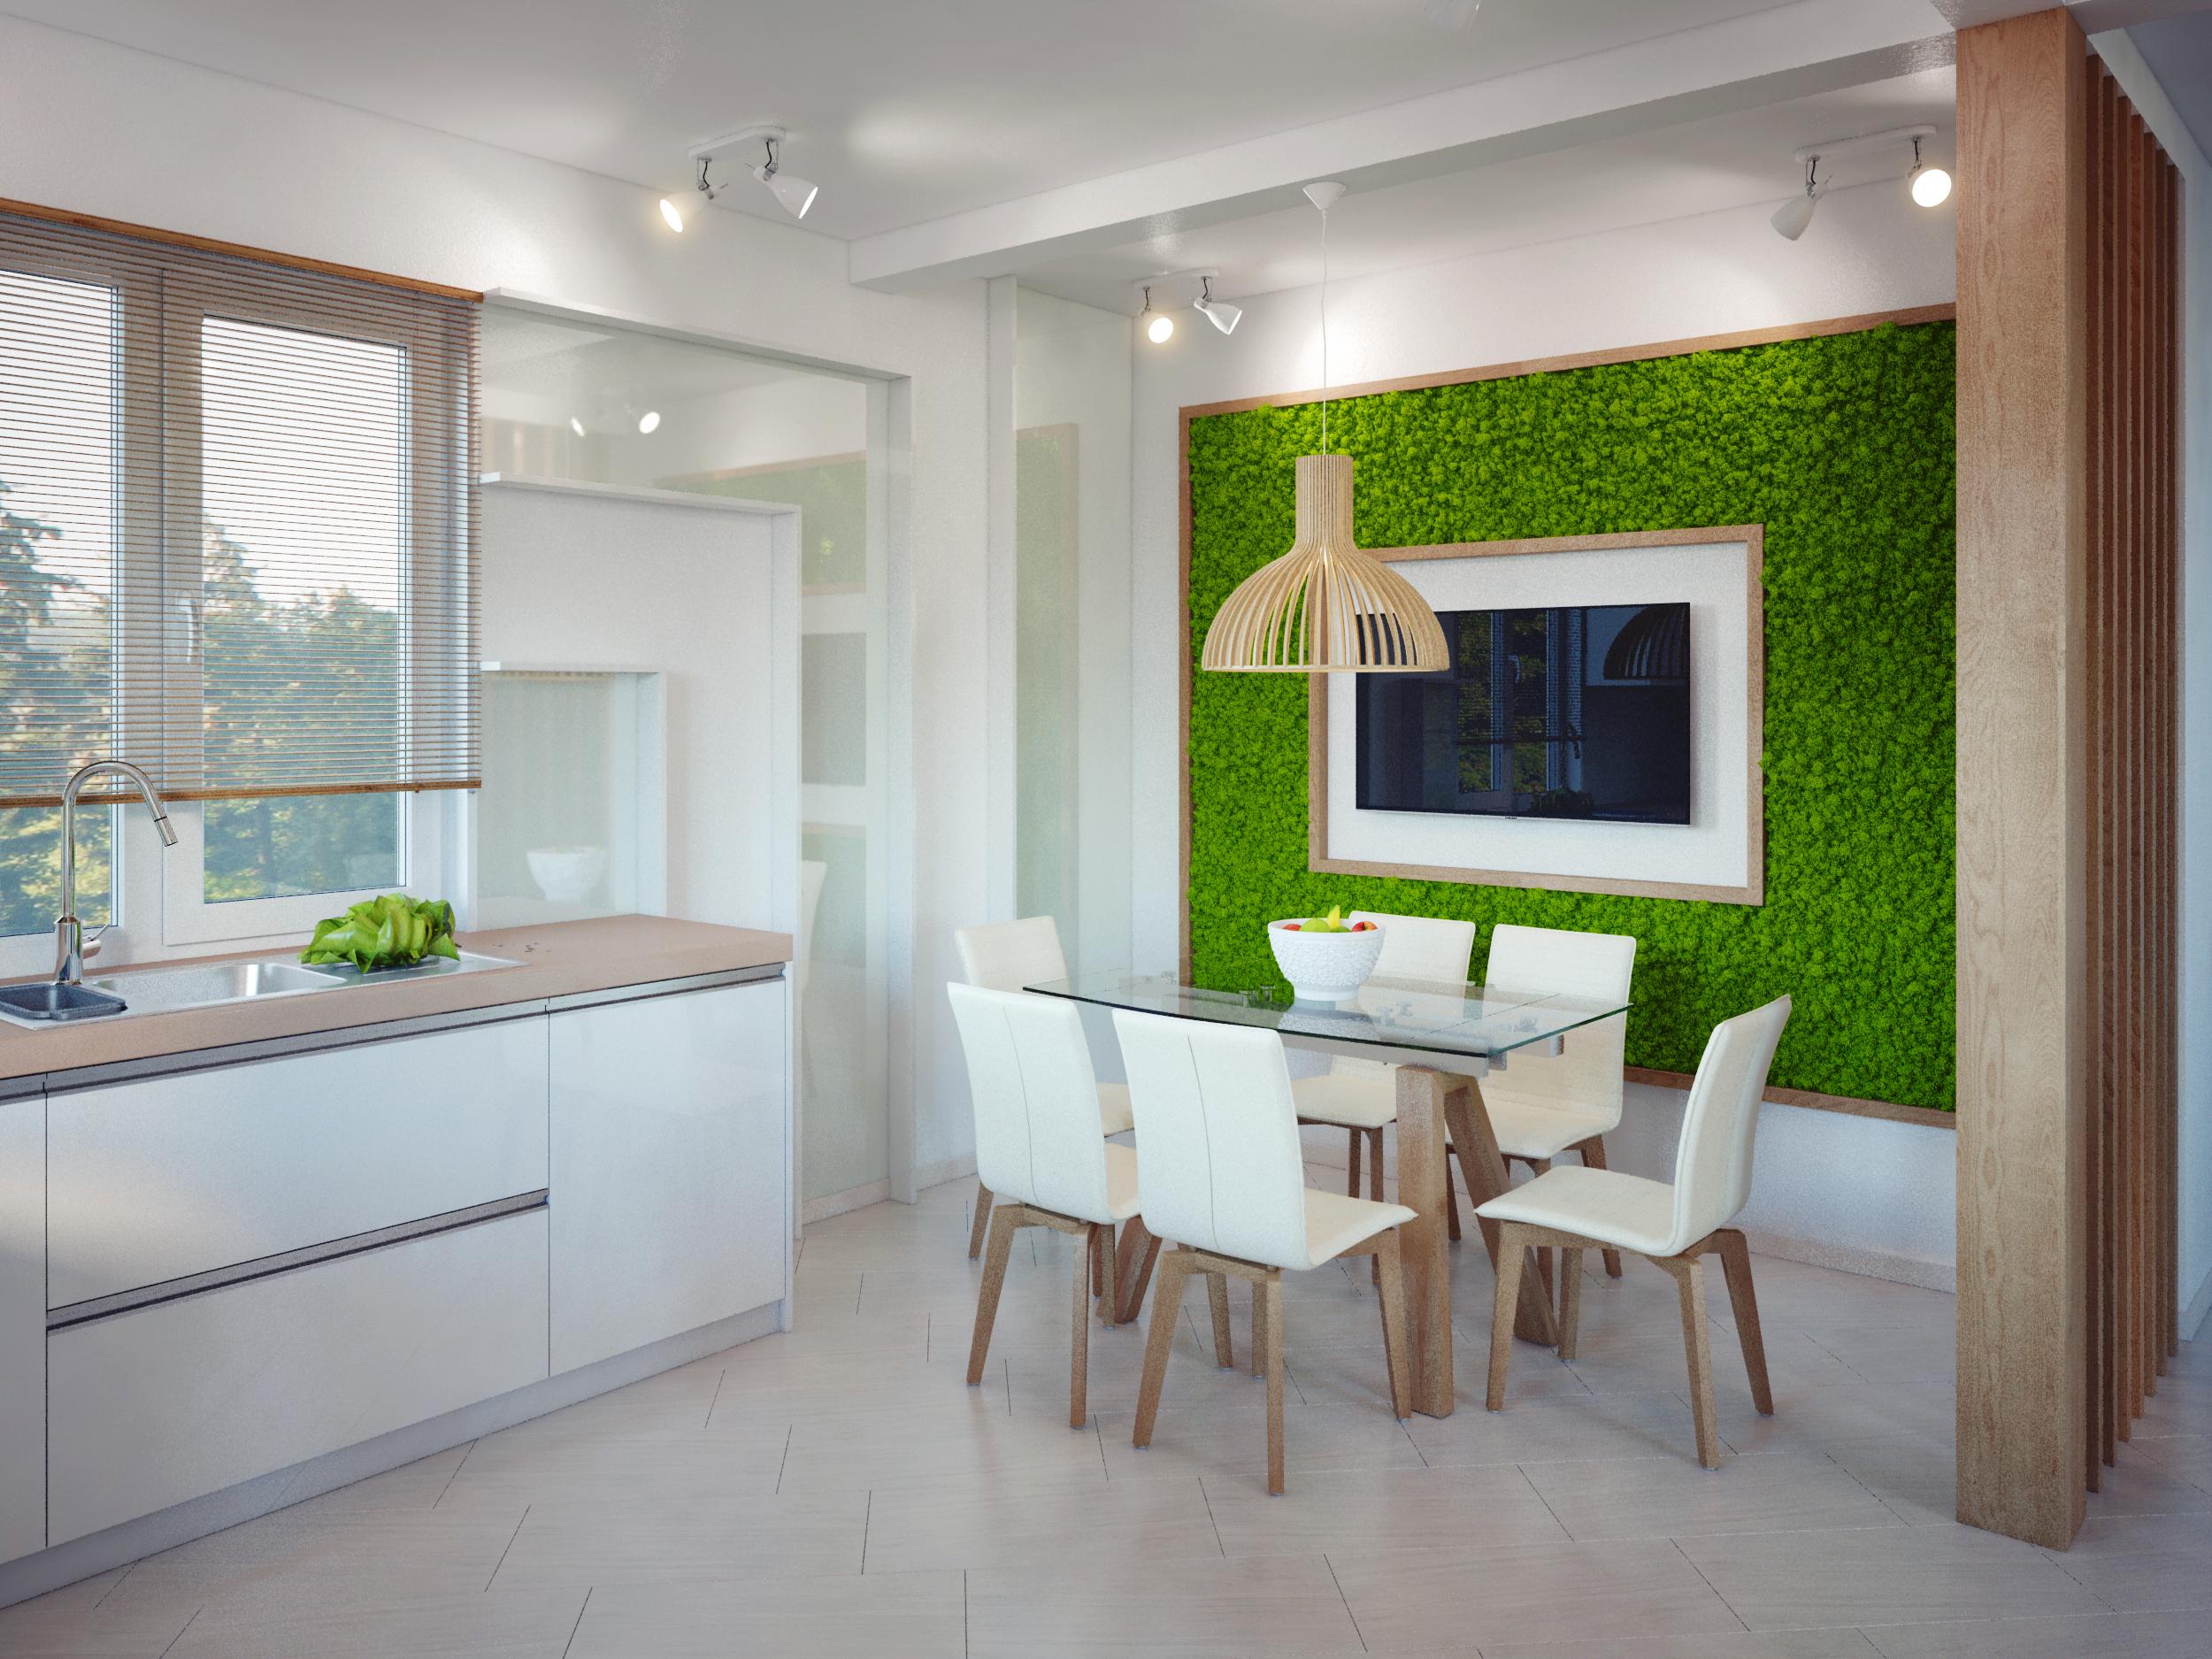 интерьер кухни-столовой в доме